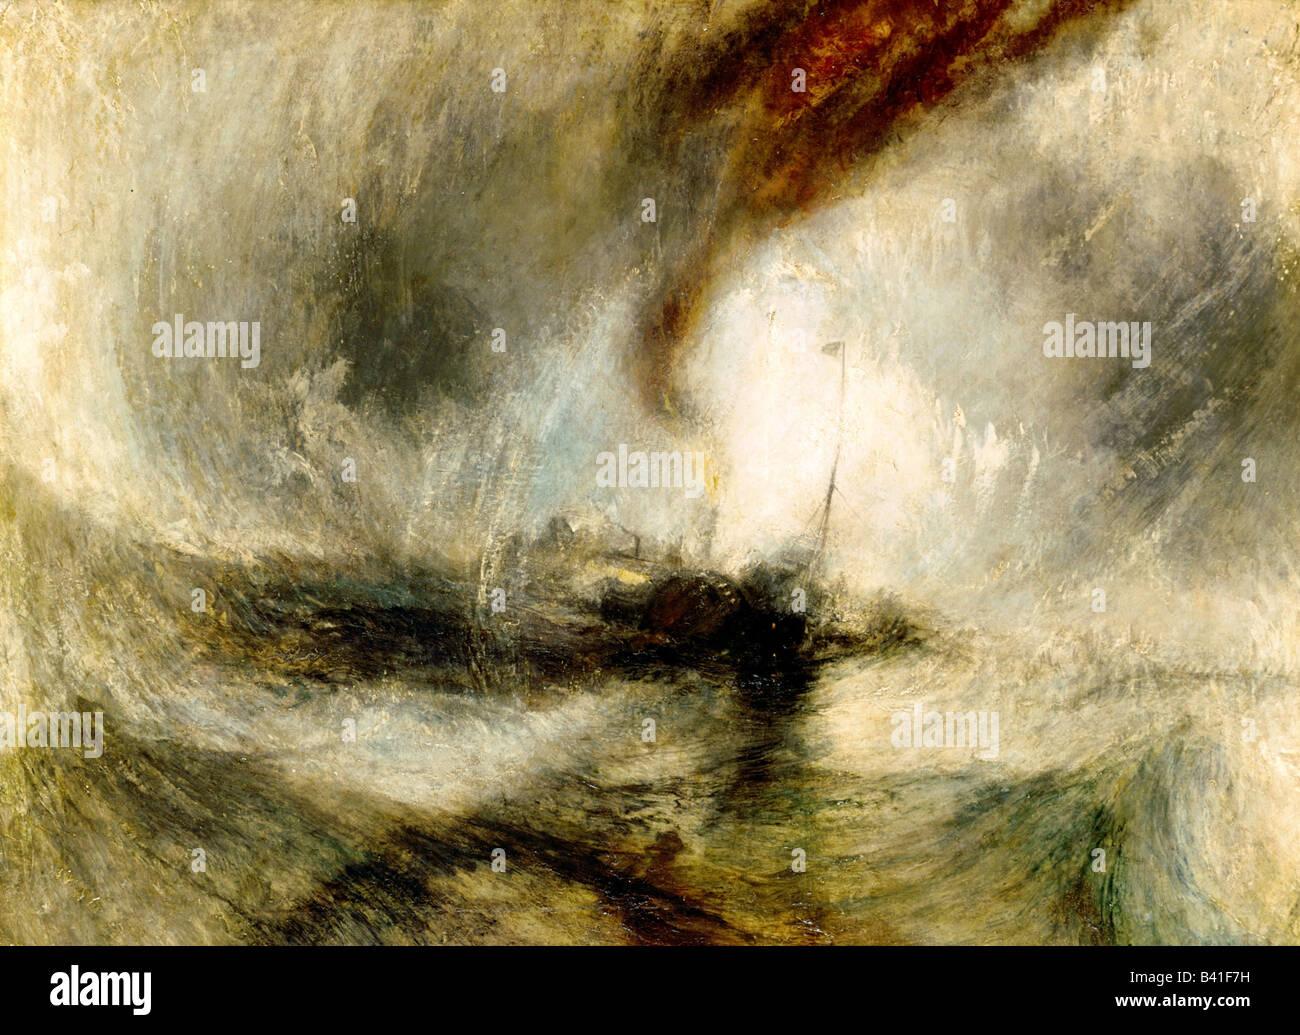 Beaux-arts, Turner, Joseph Mallord William (1775 - 1851), la peinture 'Snow Storm', 1842, huile sur toile, Tate Banque D'Images